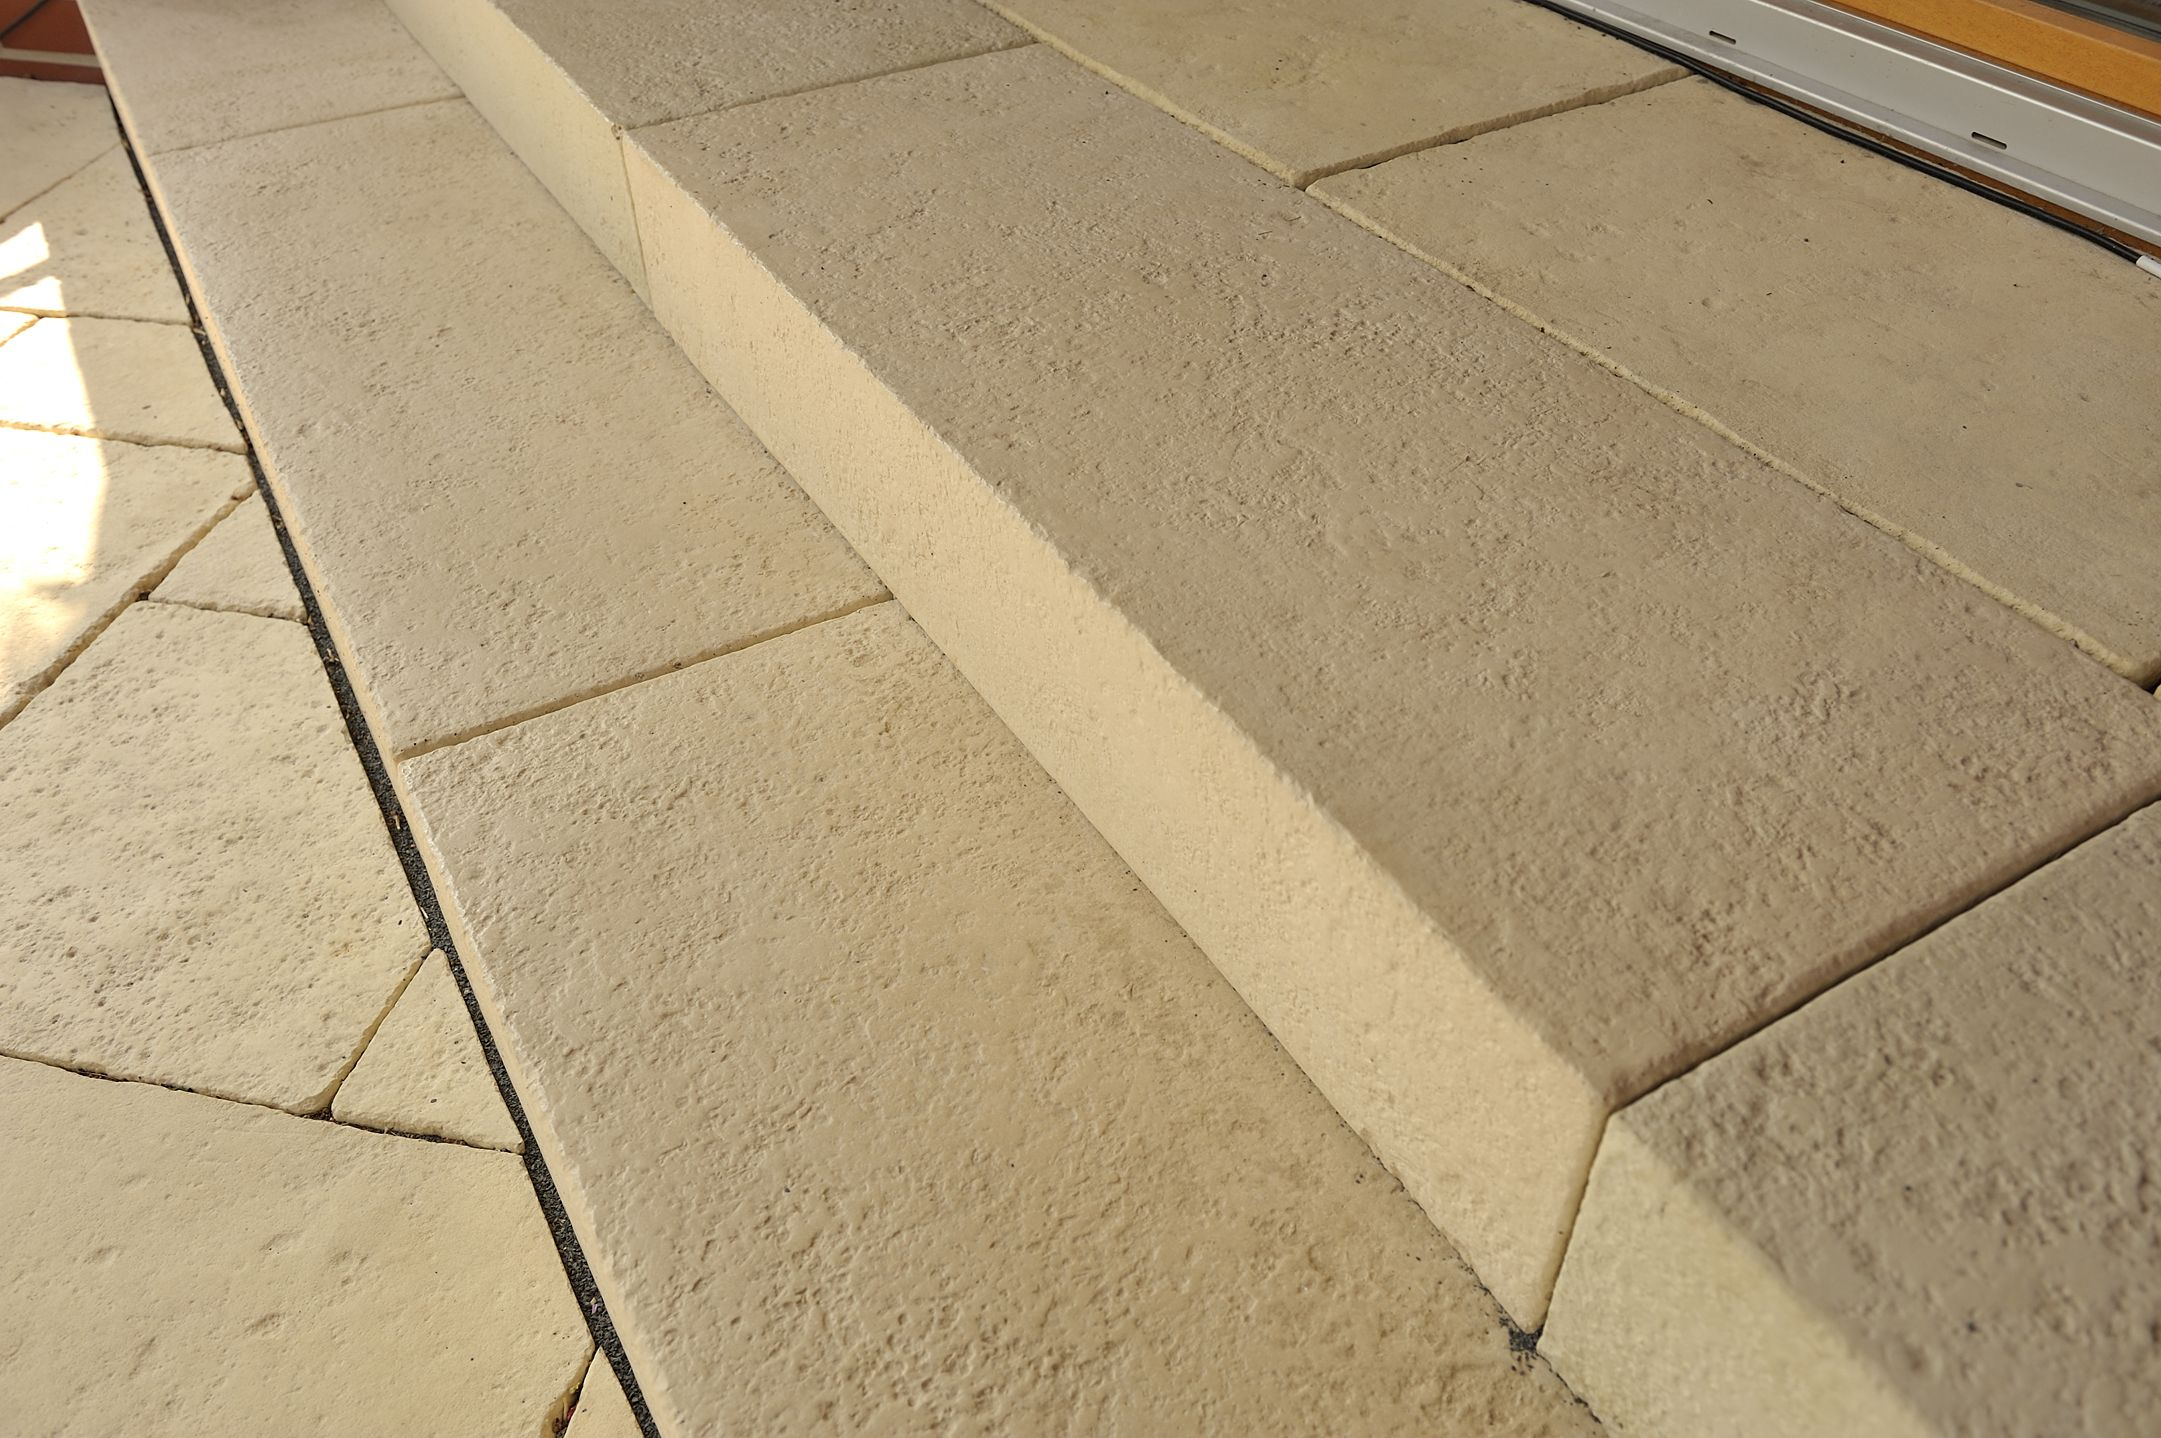 Opus Blockstufen aus dem WESERWABEN Terrassen-gestaltungssortiment! Perfekt abgestimmt und in zwei Größen  auch perfekt für kleine  Treppenaufgänge!